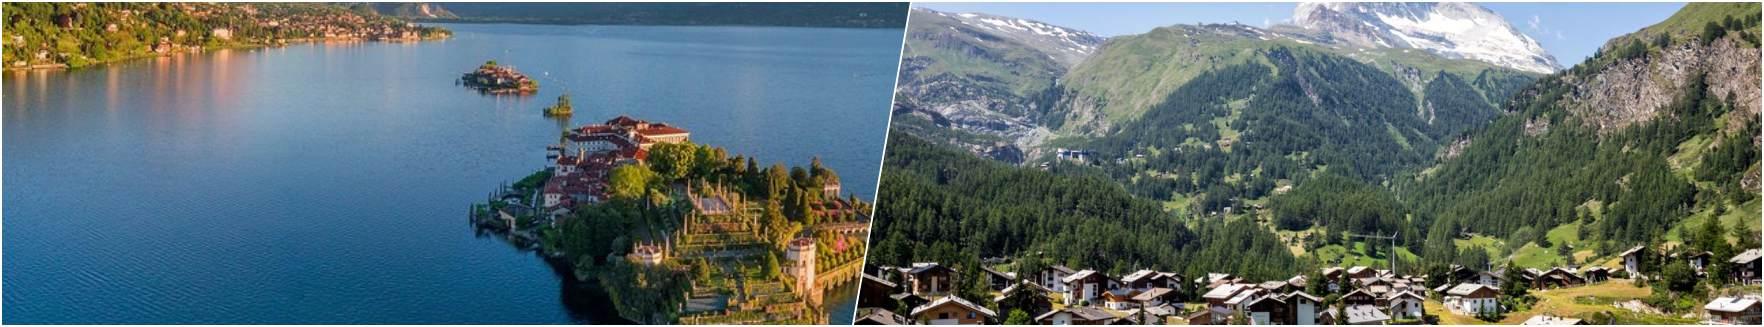 Lake Maggiore - Zermatt